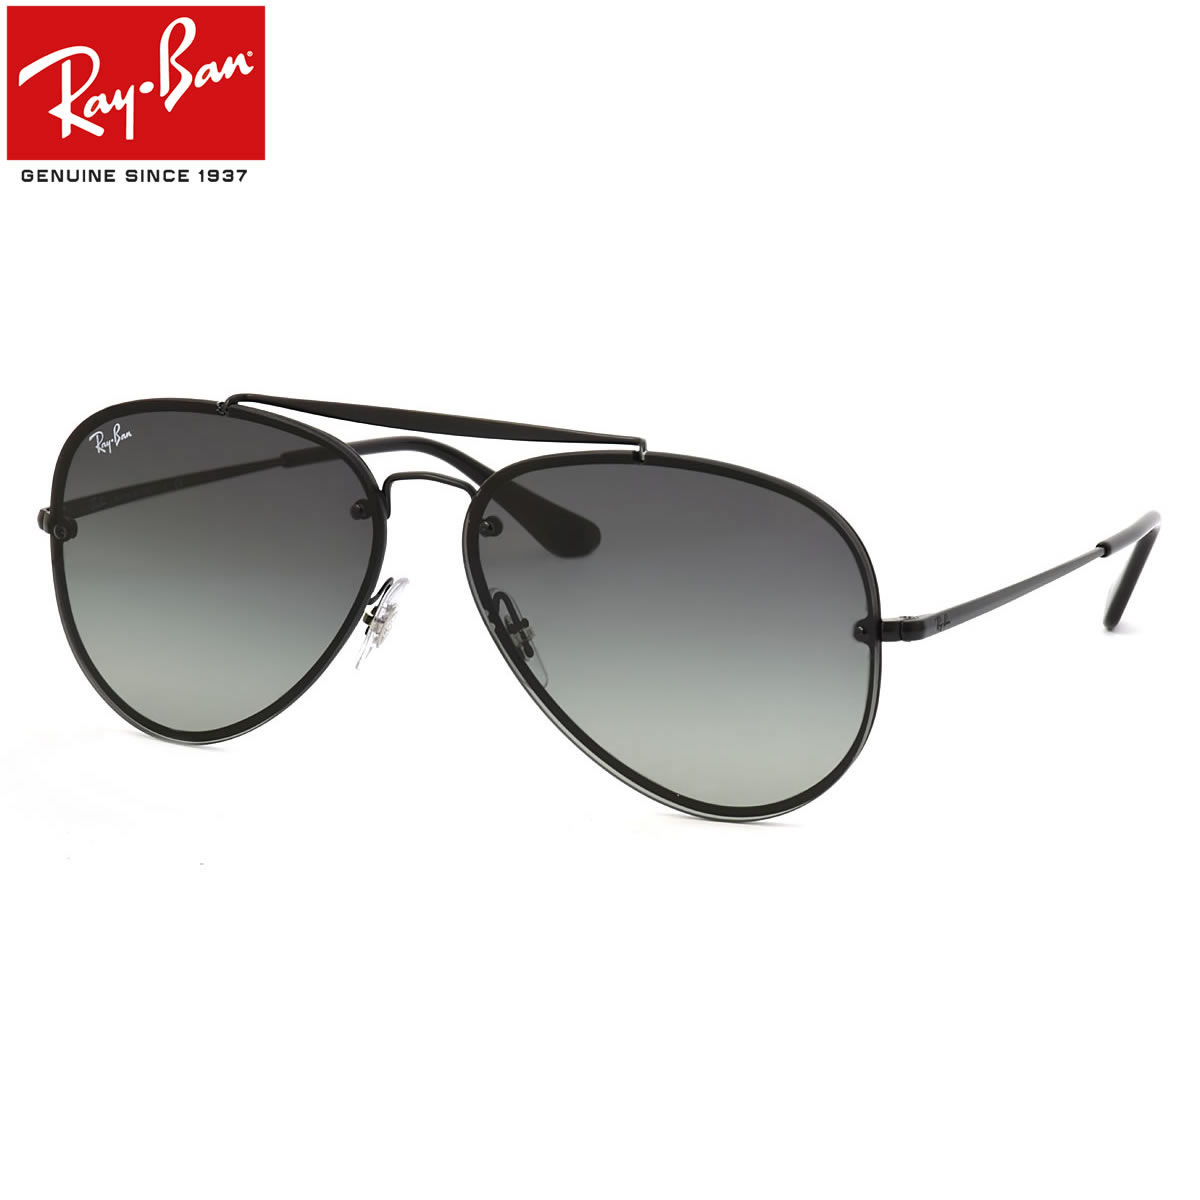 Ray-Ban レイバン サングラス RB3584N 153/11 61サイズ HIGHSTREET BLAZE ハイストリート ブレイズ ダブルブリッジ トレンド レイバン RayBan メンズ レディース